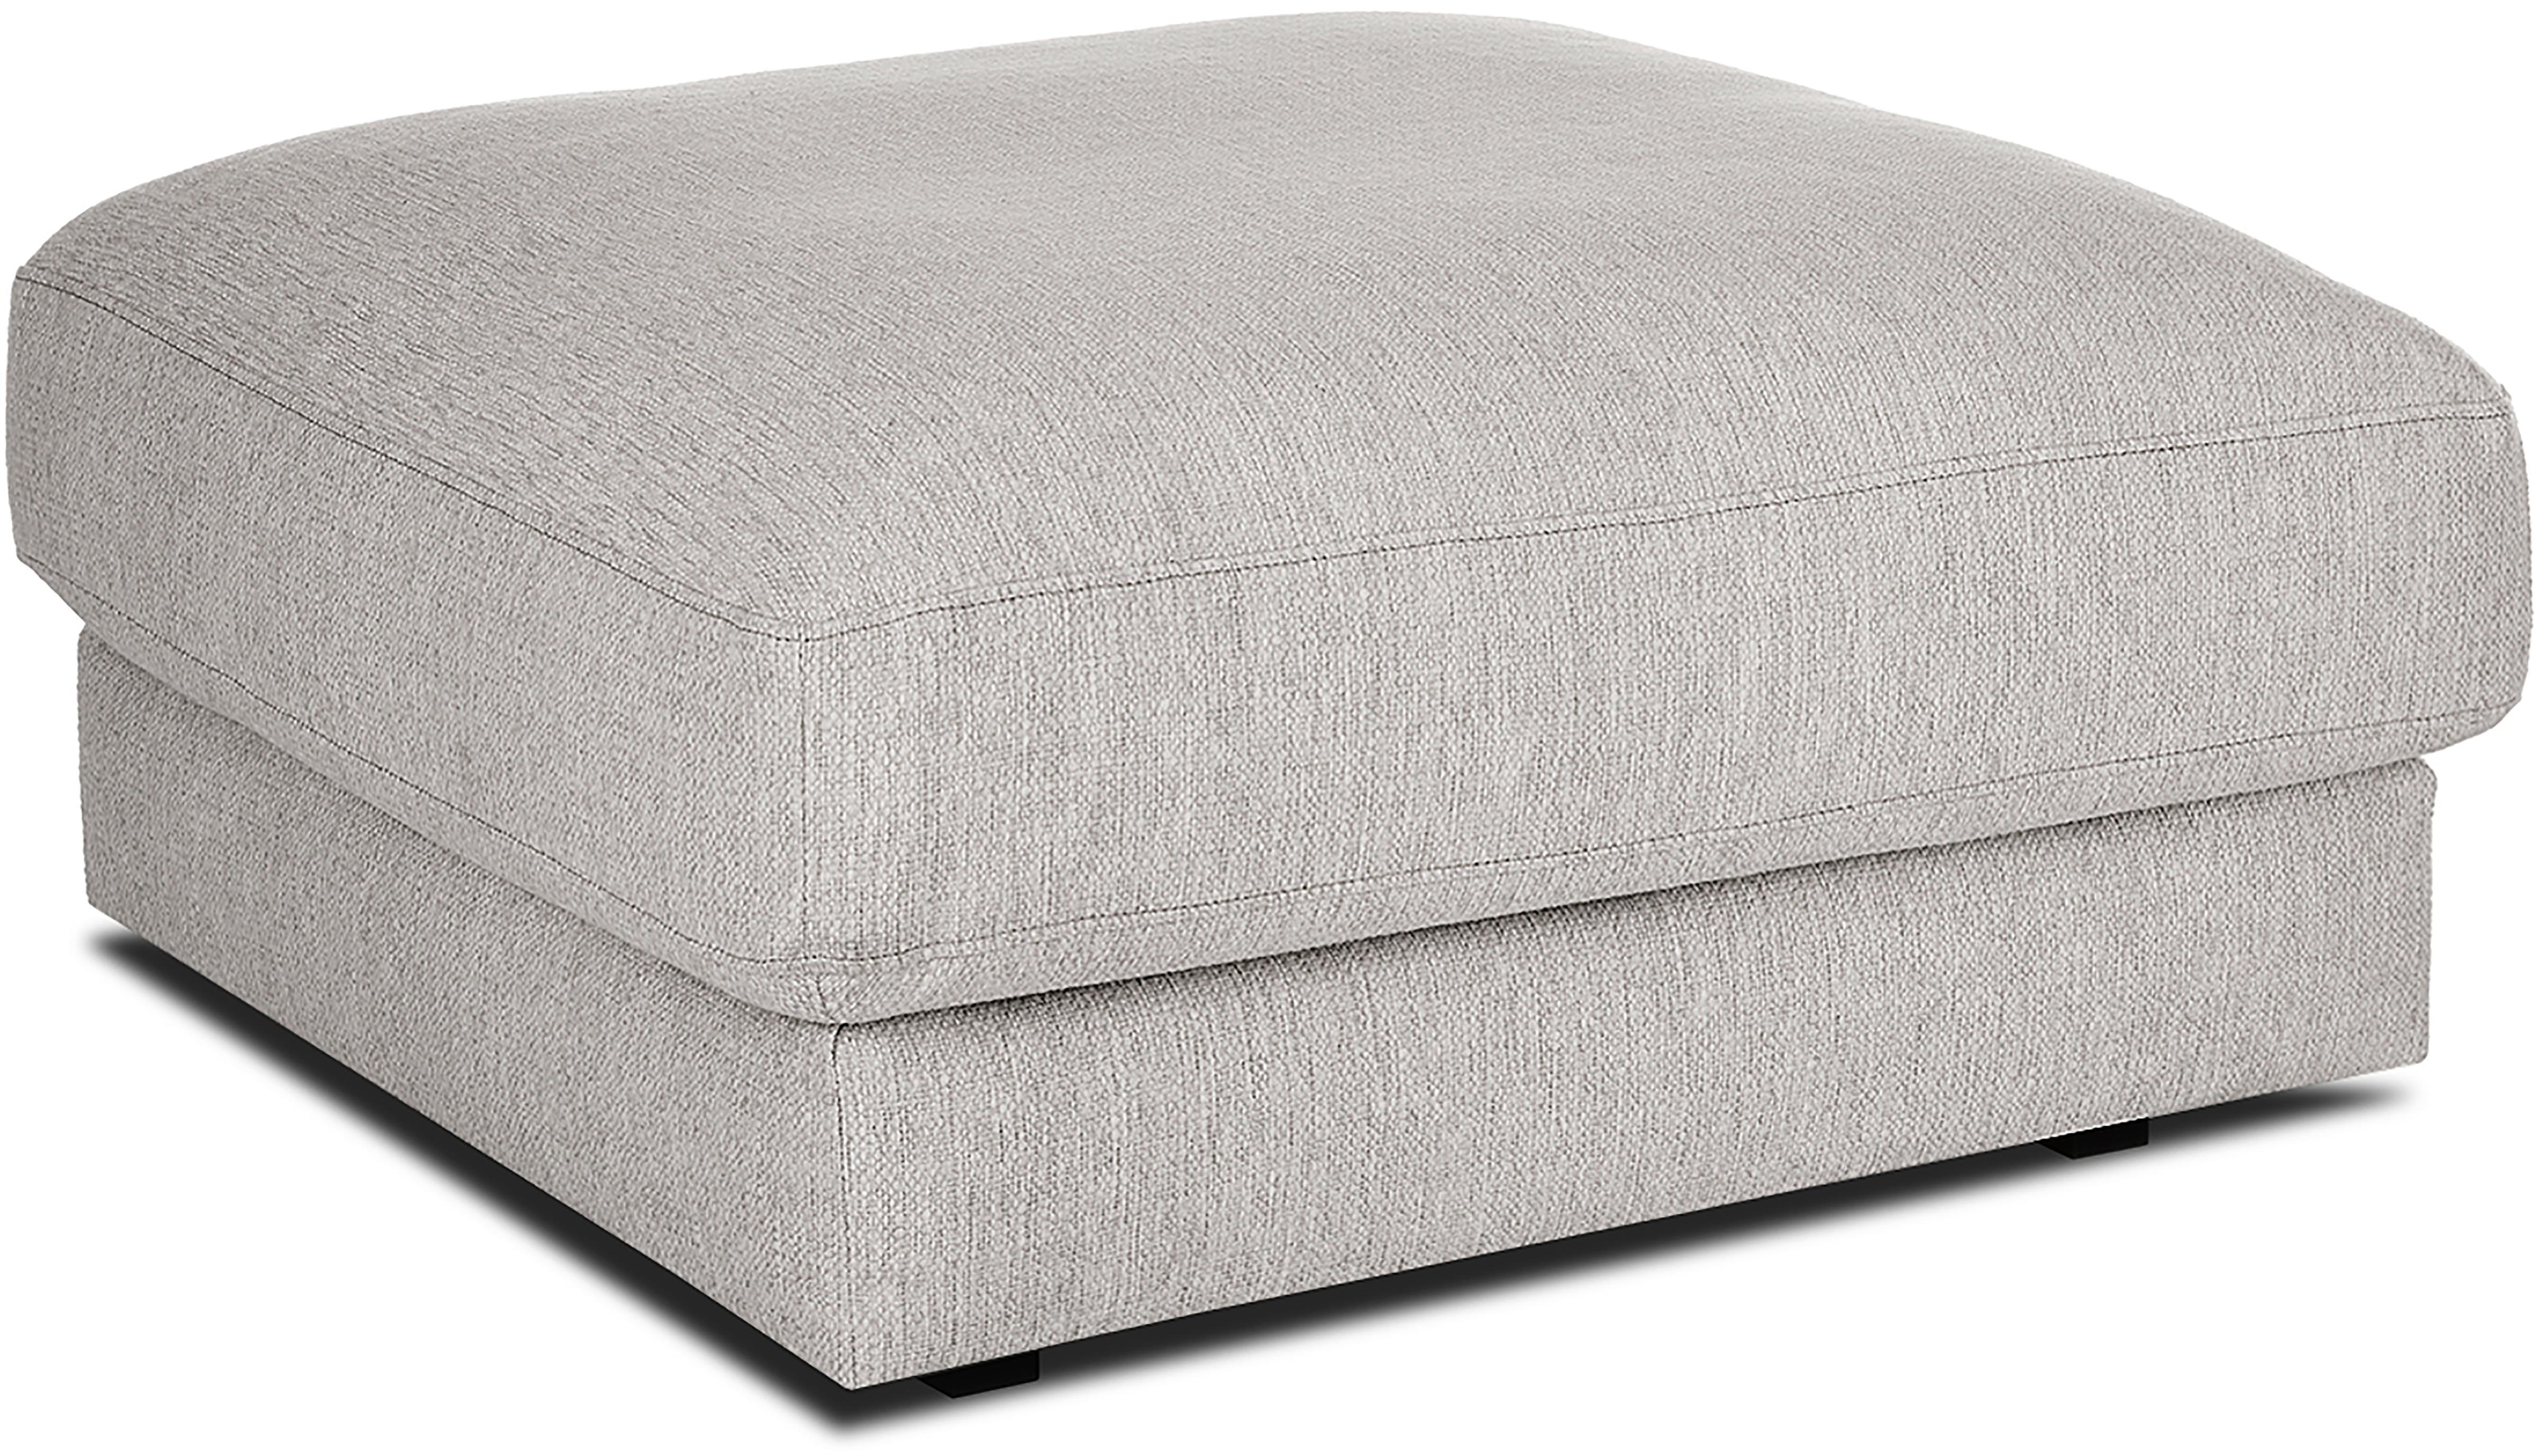 Sofa-Hocker Tribeca, Bezug: Polyester 25.000 Scheuert, Sitzfläche: Schaumpolster, Fasermater, Gestell: Massives Kiefernholz, Webstoff Beigegrau, 80 x 40 cm